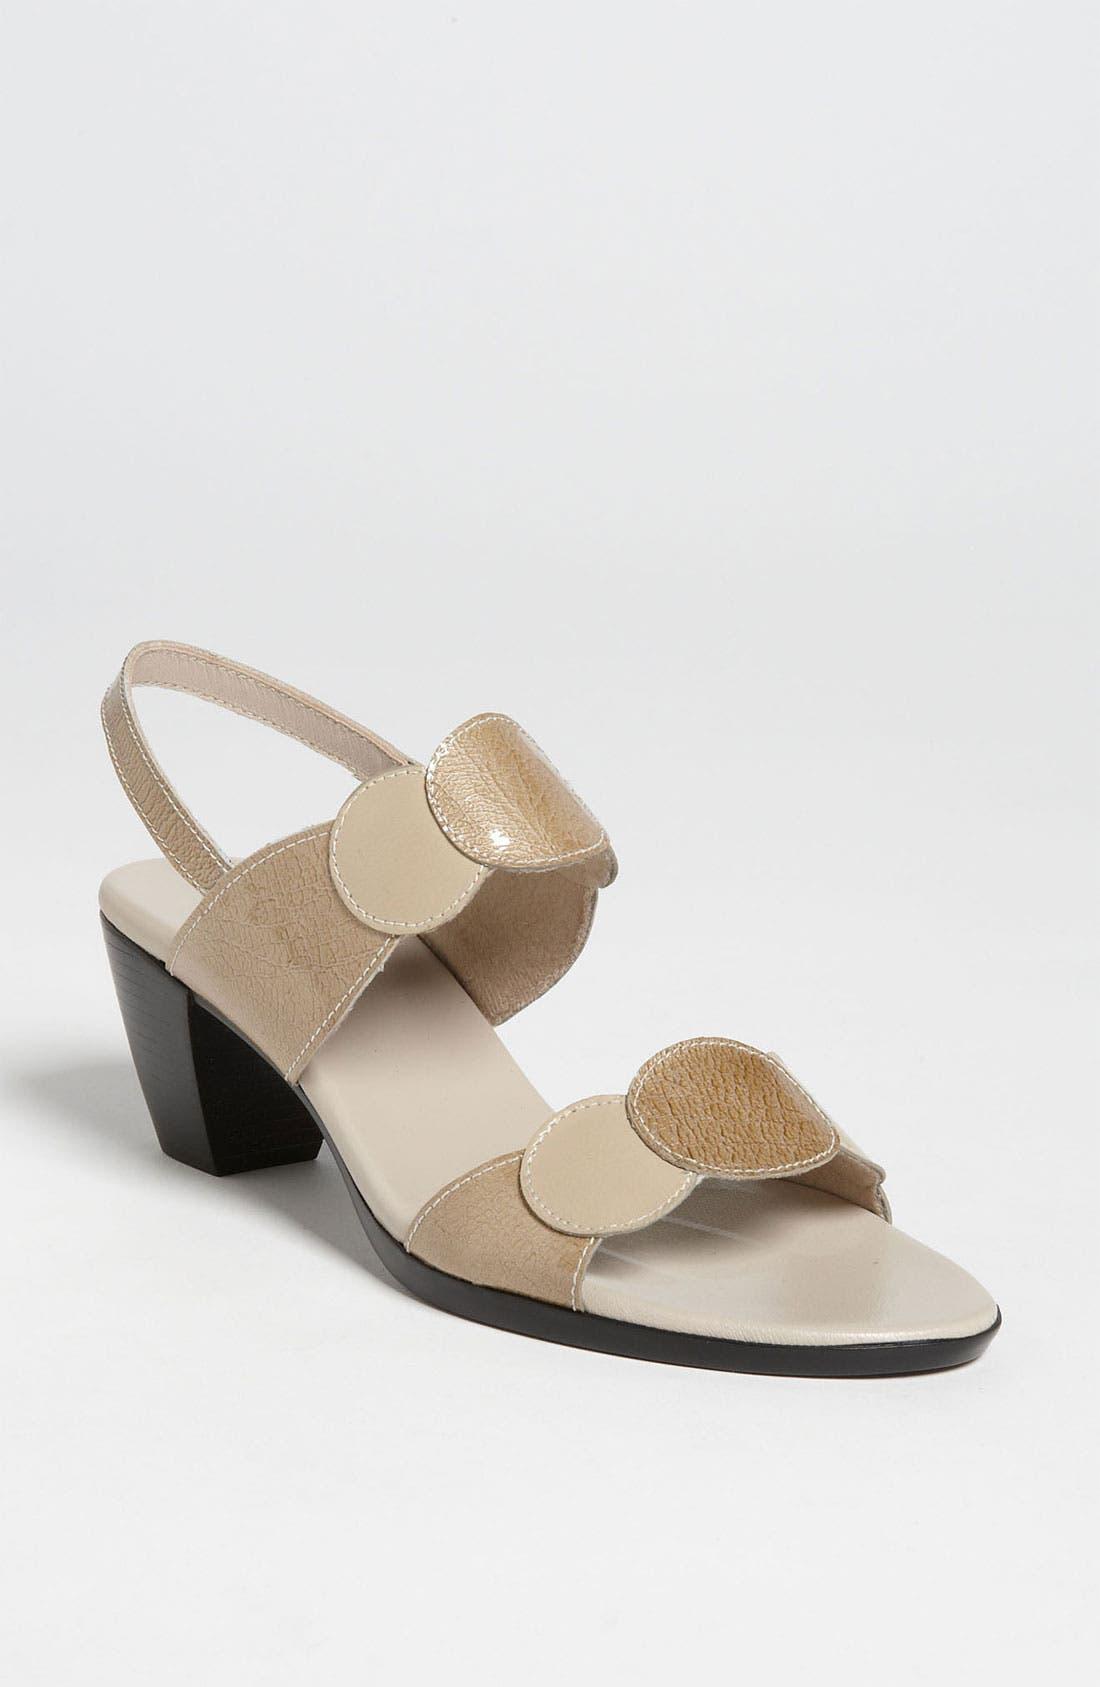 Main Image - Munro 'Solar' Sandal